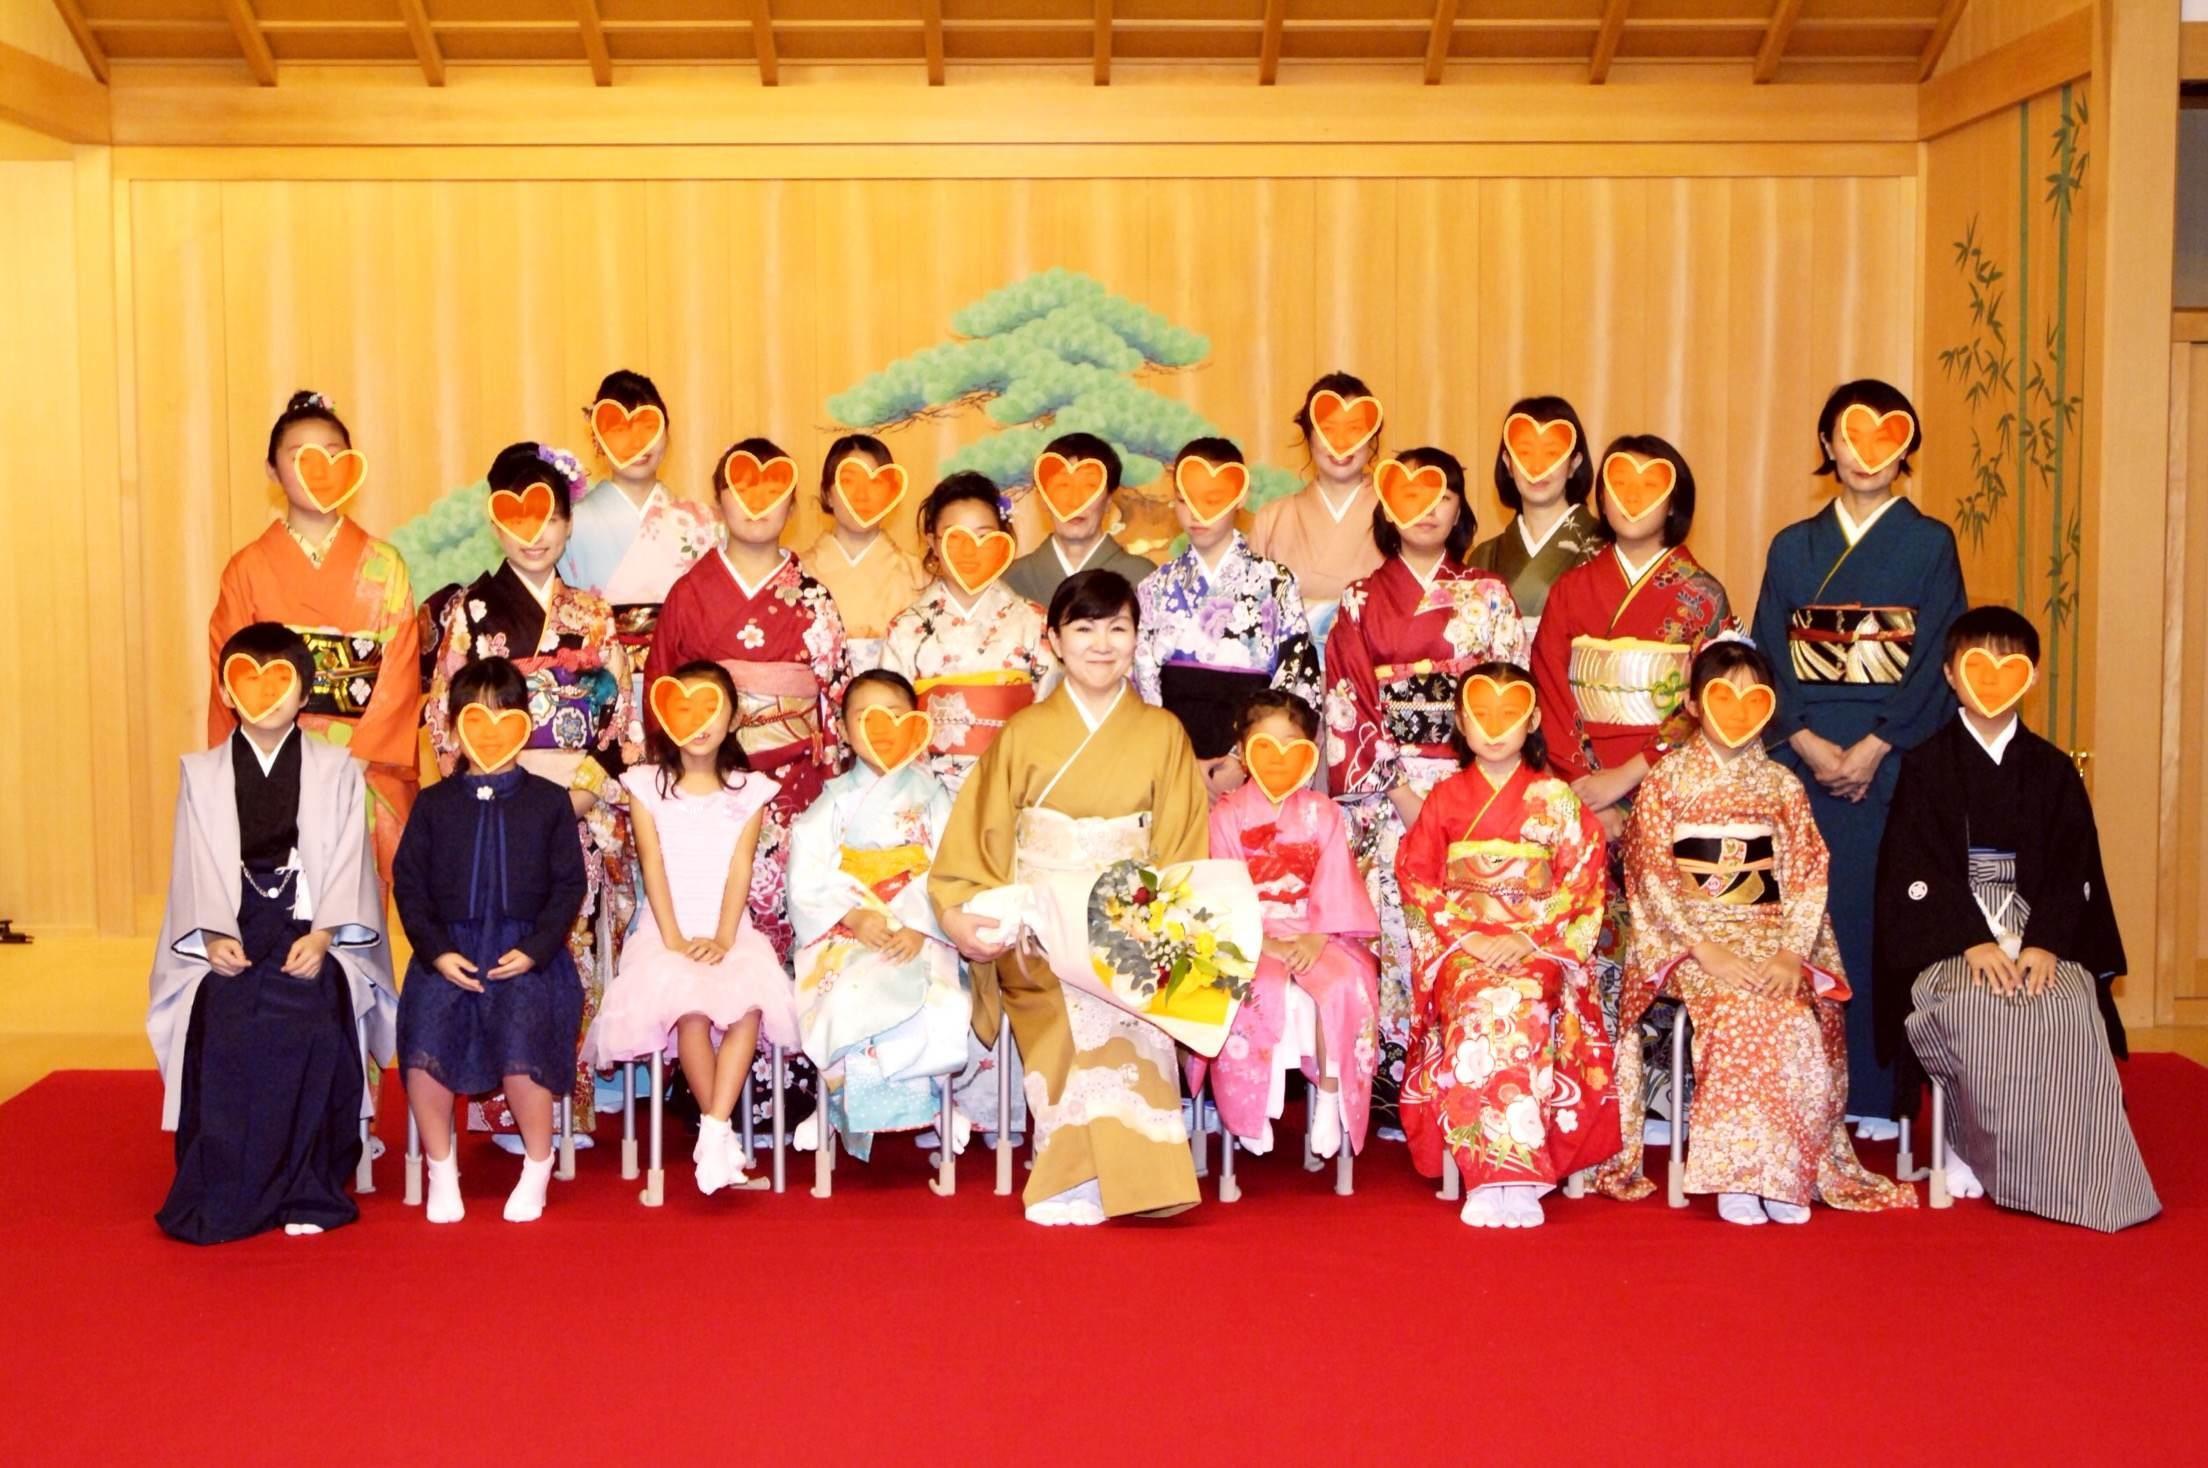 お箏(琴)とお三味線の教室-Salon de koto 町田校